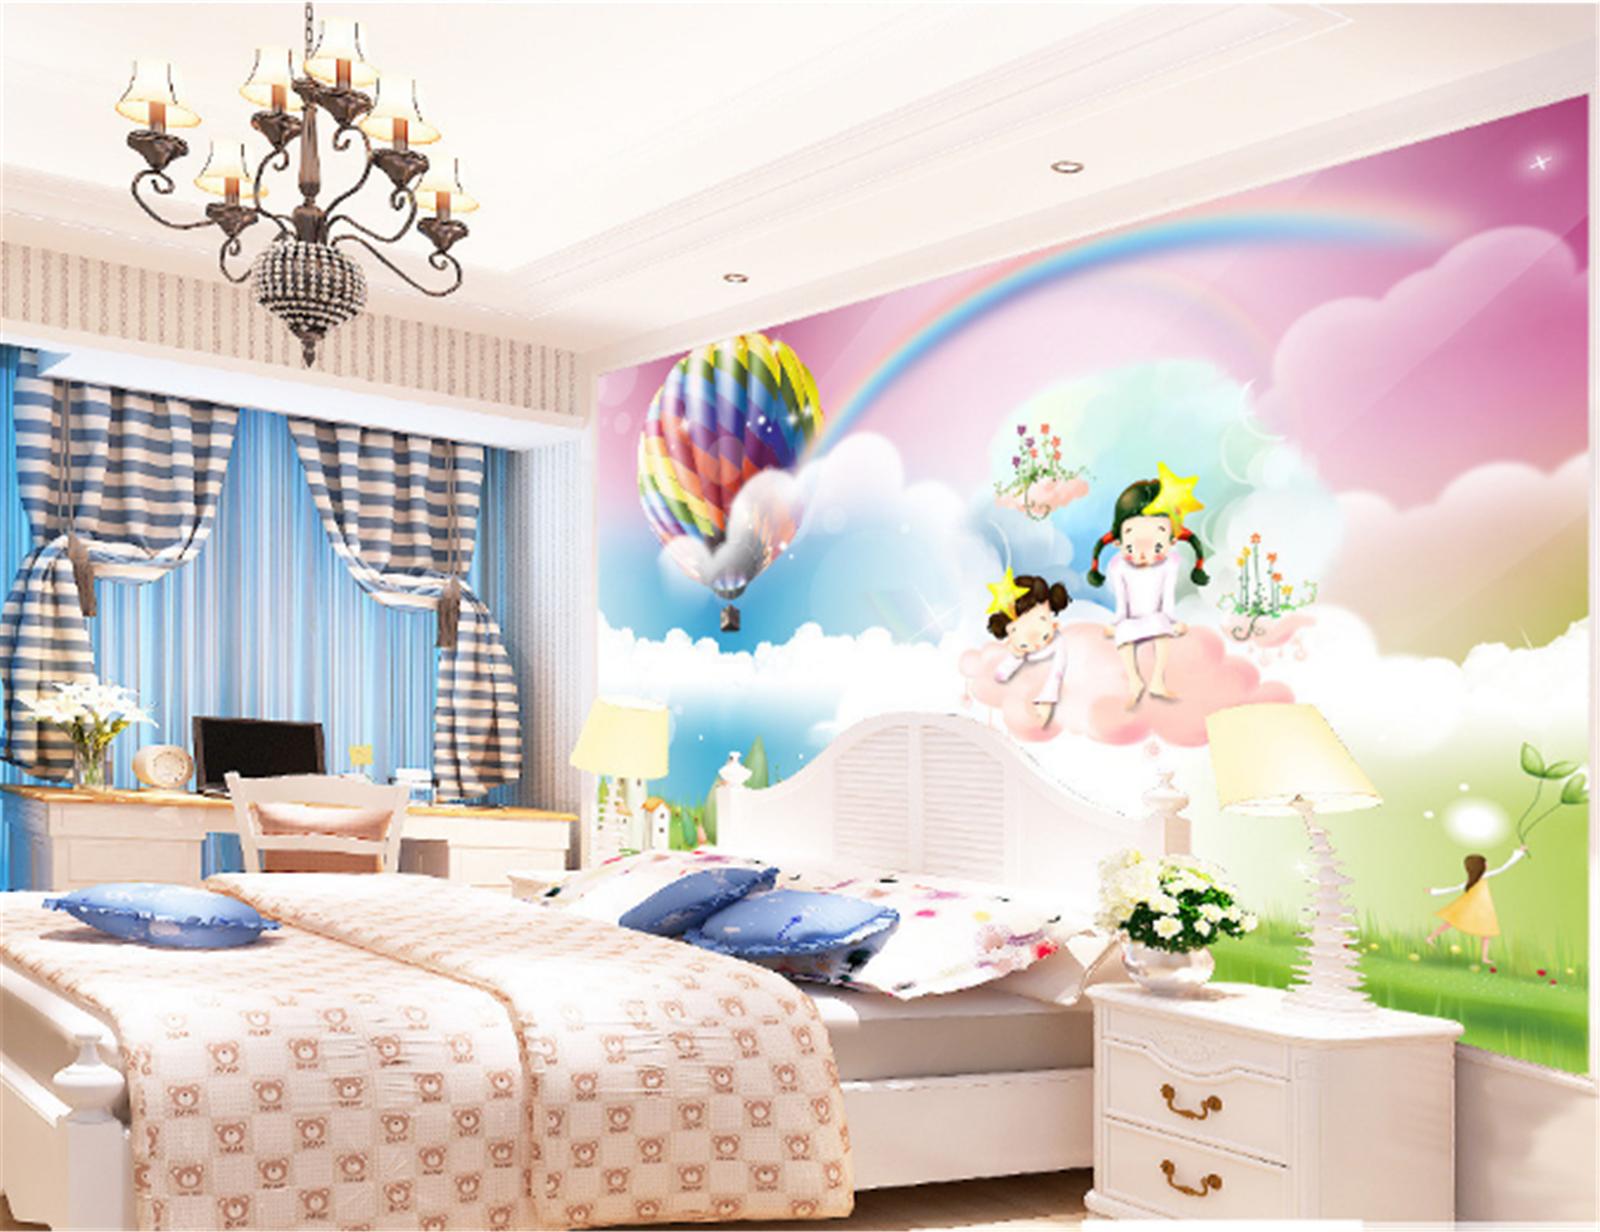 3D Heißluftballon Mädchen 8085 Tapete Wandgemälde Tapeten Bild Familie DE Summer | Stil  | Spielzeugwelt, glücklich und grenzenlos  |